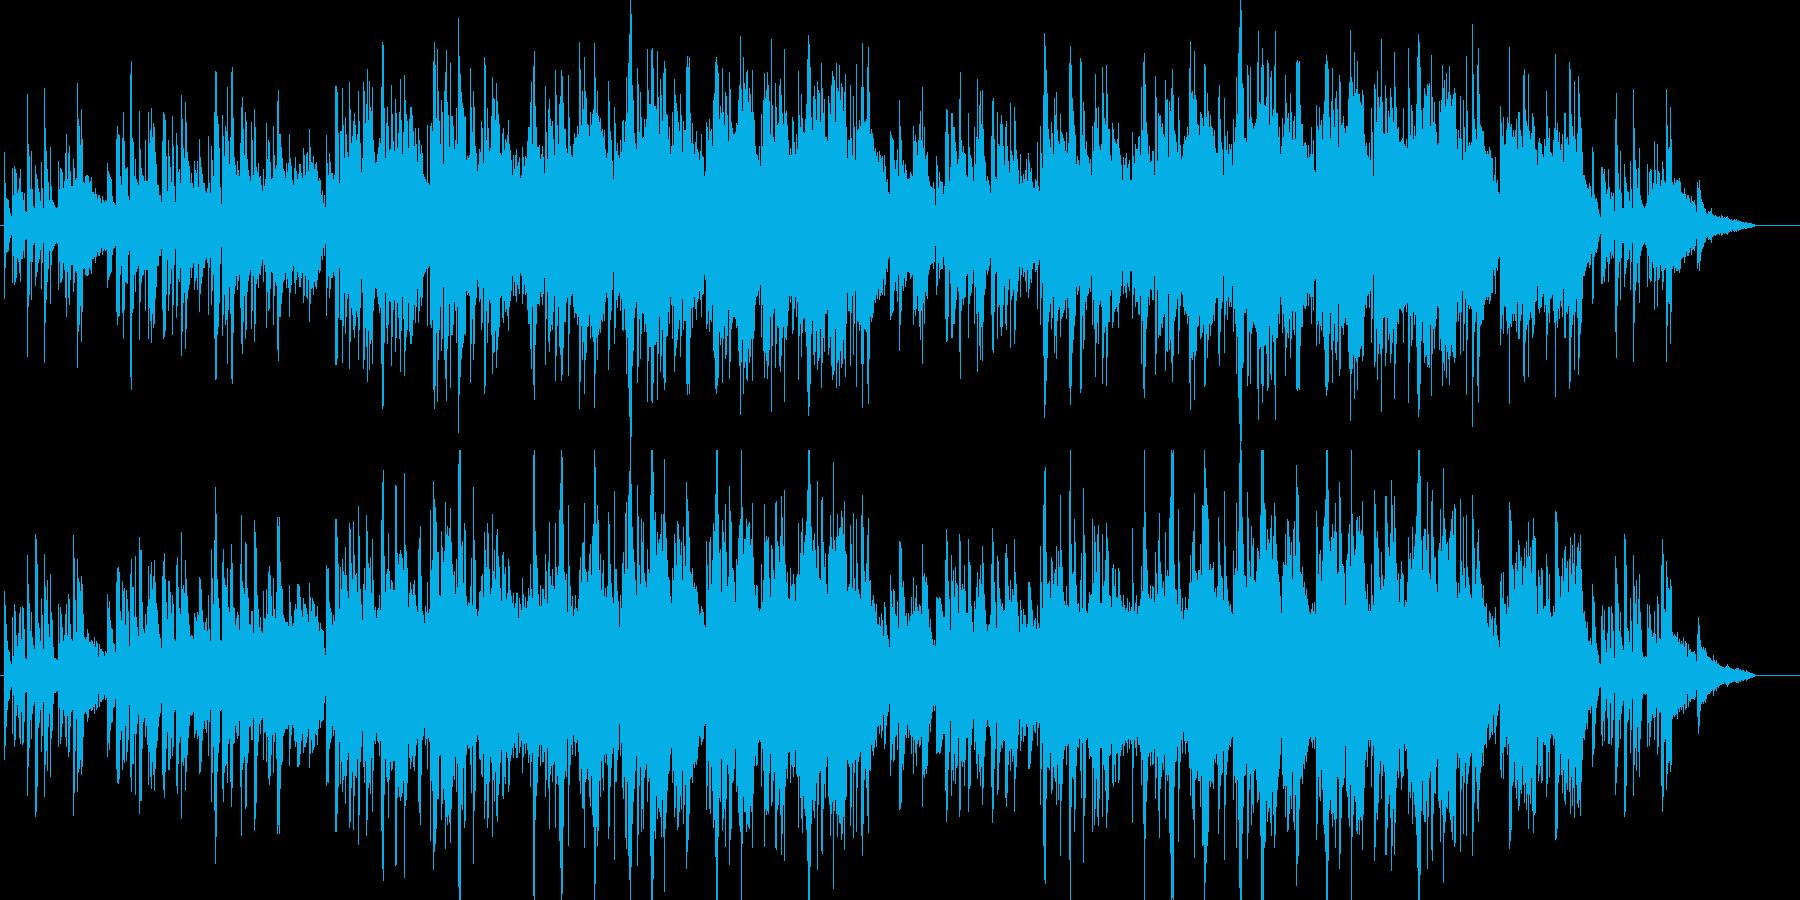 [ビートなし]ピアノと弦の感動を誘う曲の再生済みの波形